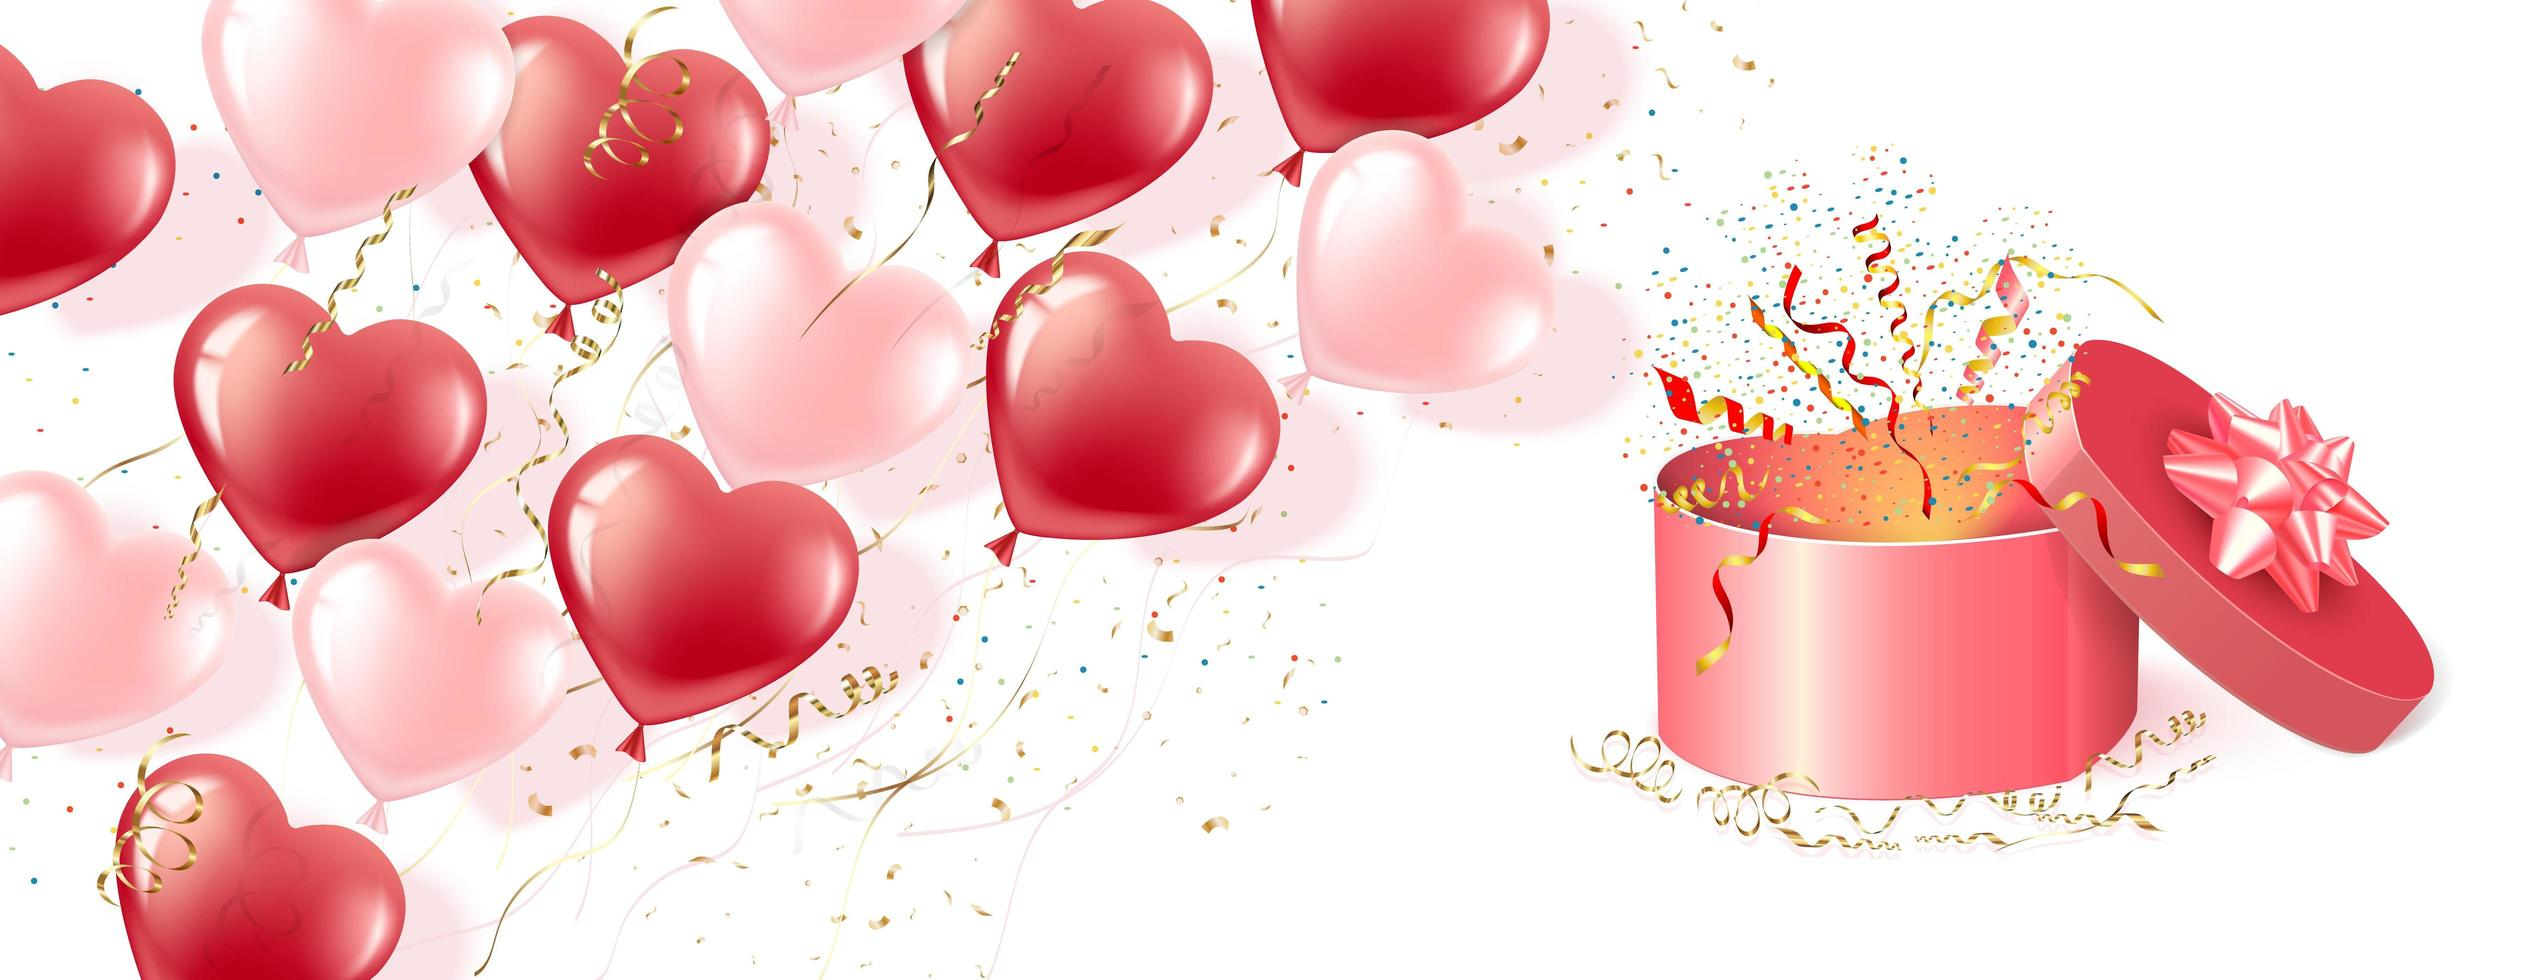 bannière de ballons en forme de coeur rose et rouge et coffret cadeau vecteur